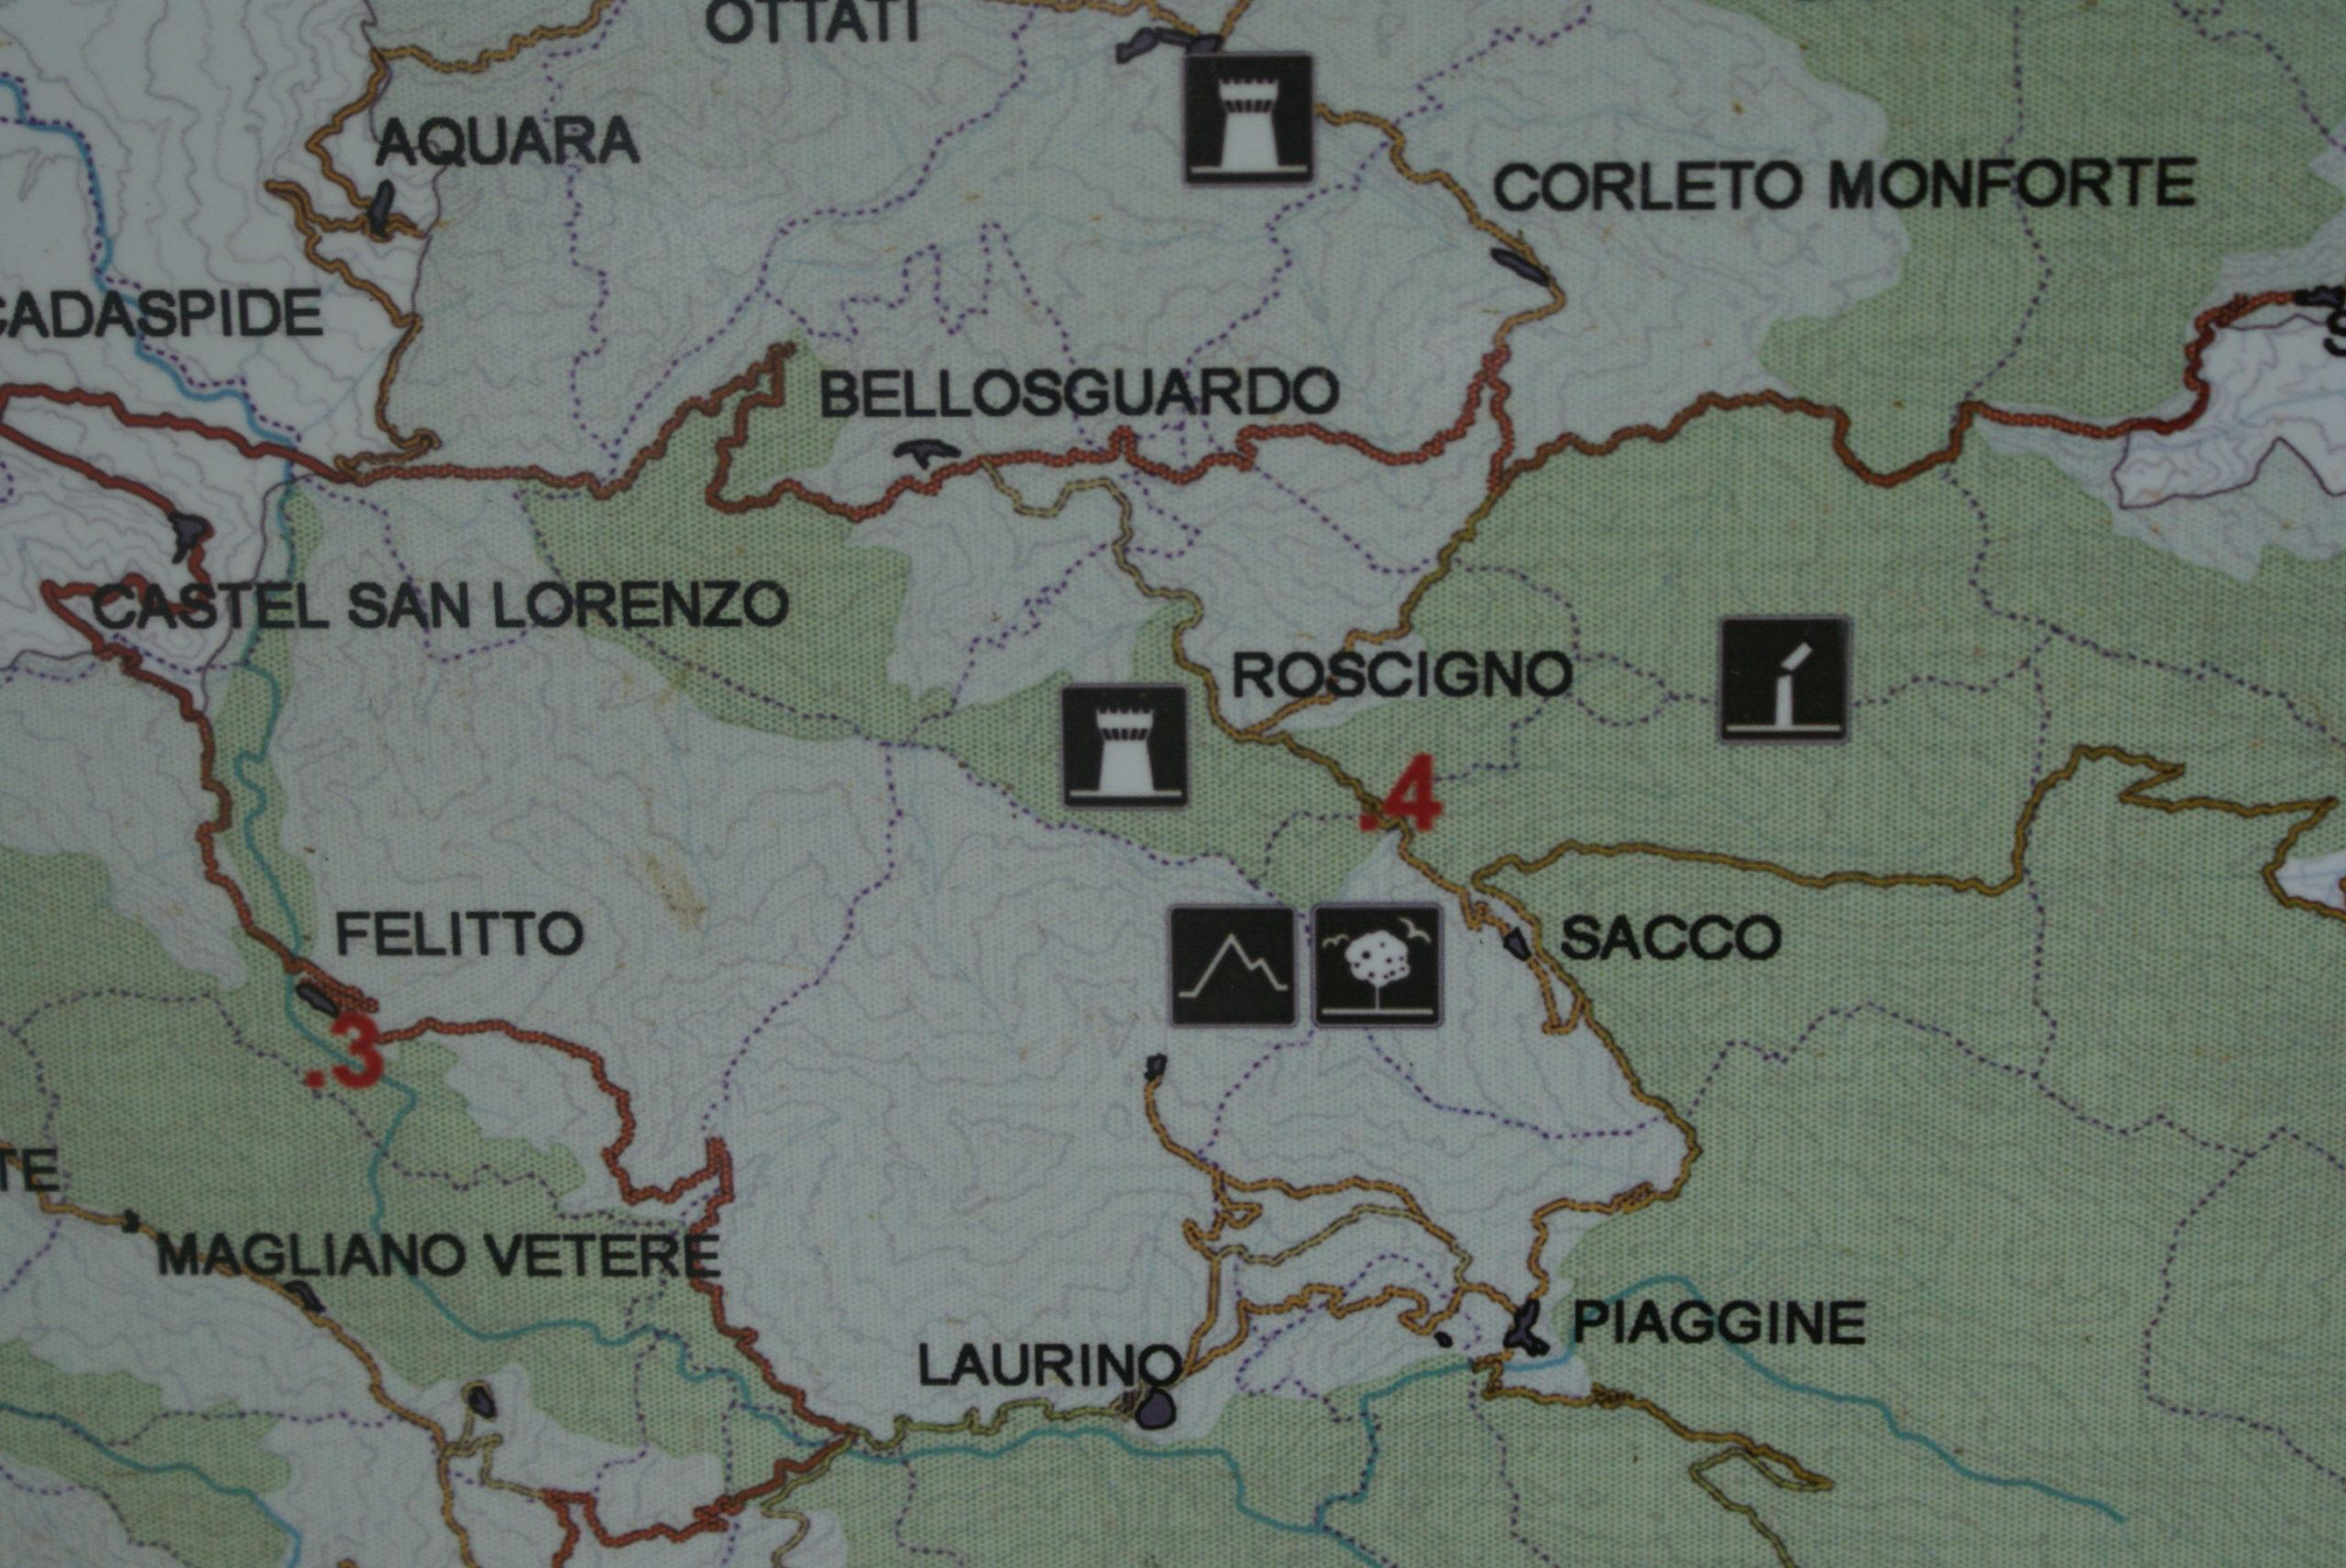 Cilento Cartina Geografica.Sacco Salerno Parco Nazionale Del Cilento Vallo Di Diano E Alburni Escursione Alla Sorgente Del Fiume Sammaro Turistanelmondo